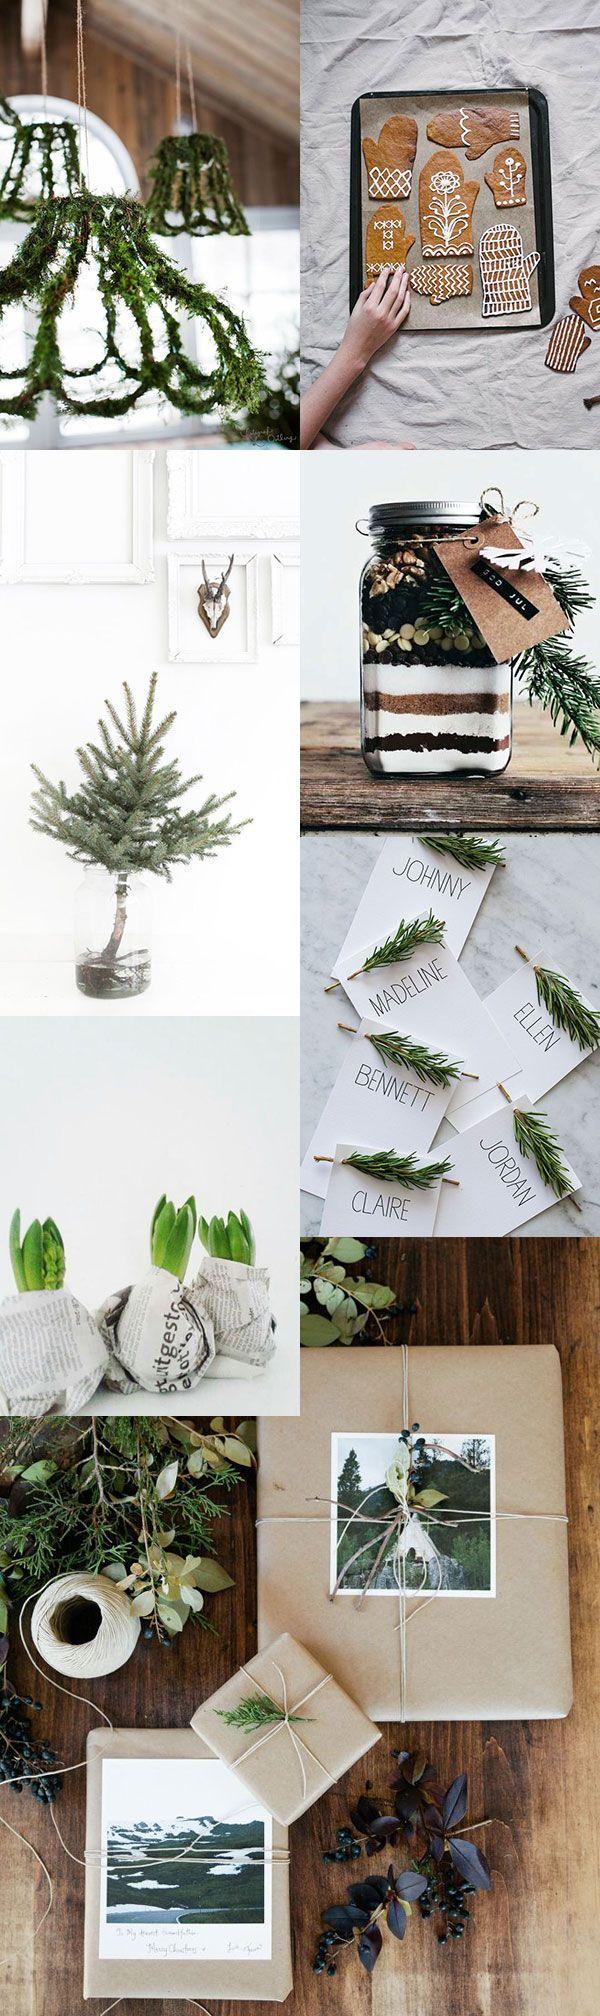 7 enkla pysseltips till jul